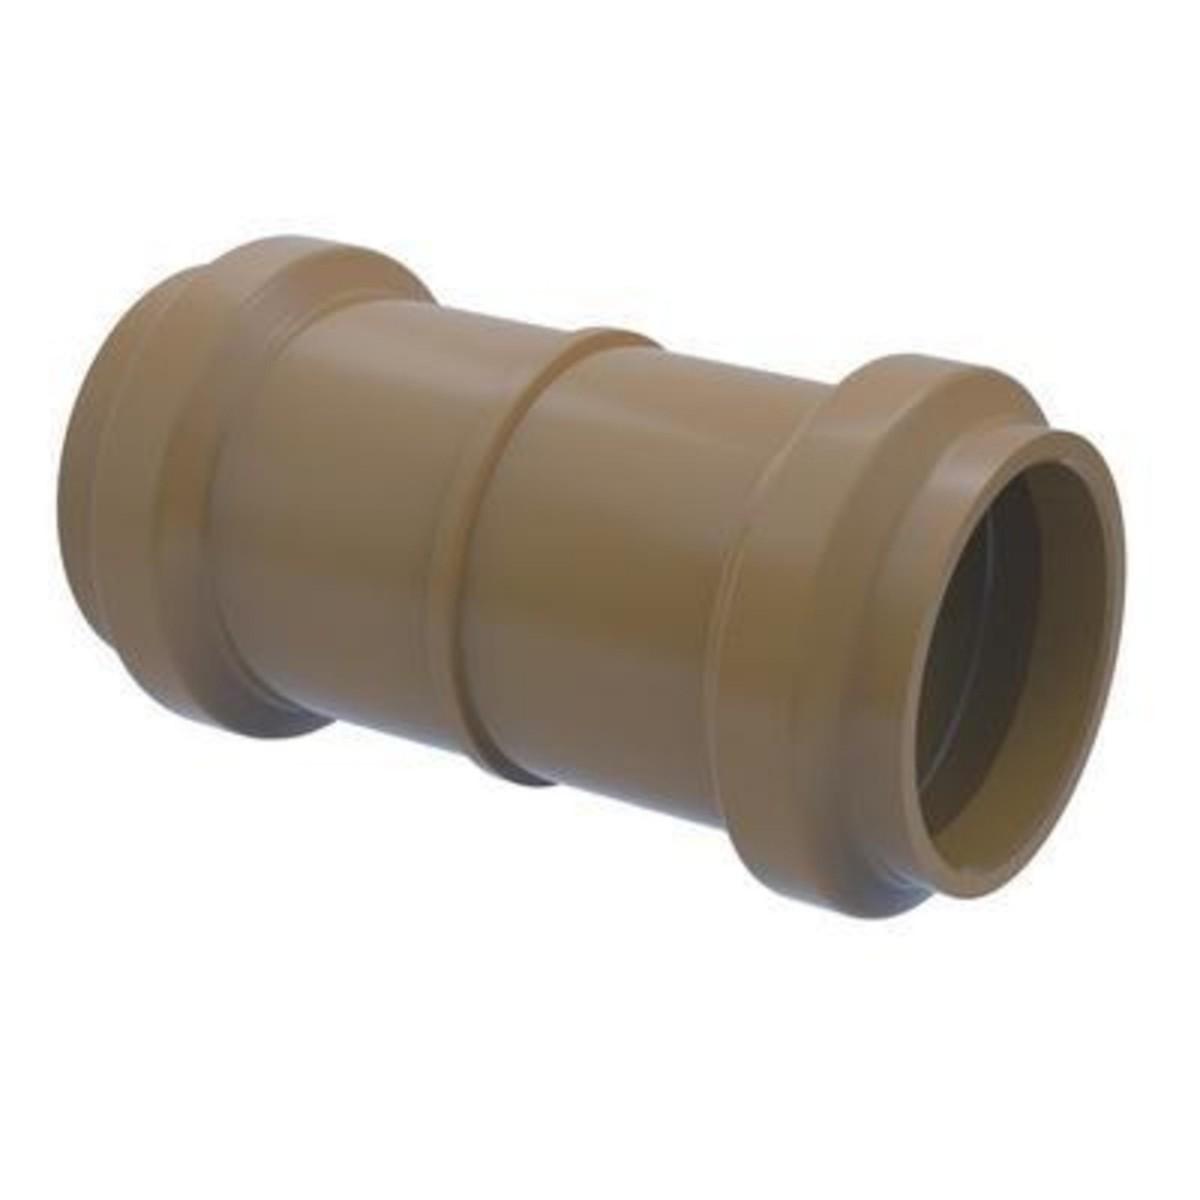 Solda Luva de Correr 110mm (4